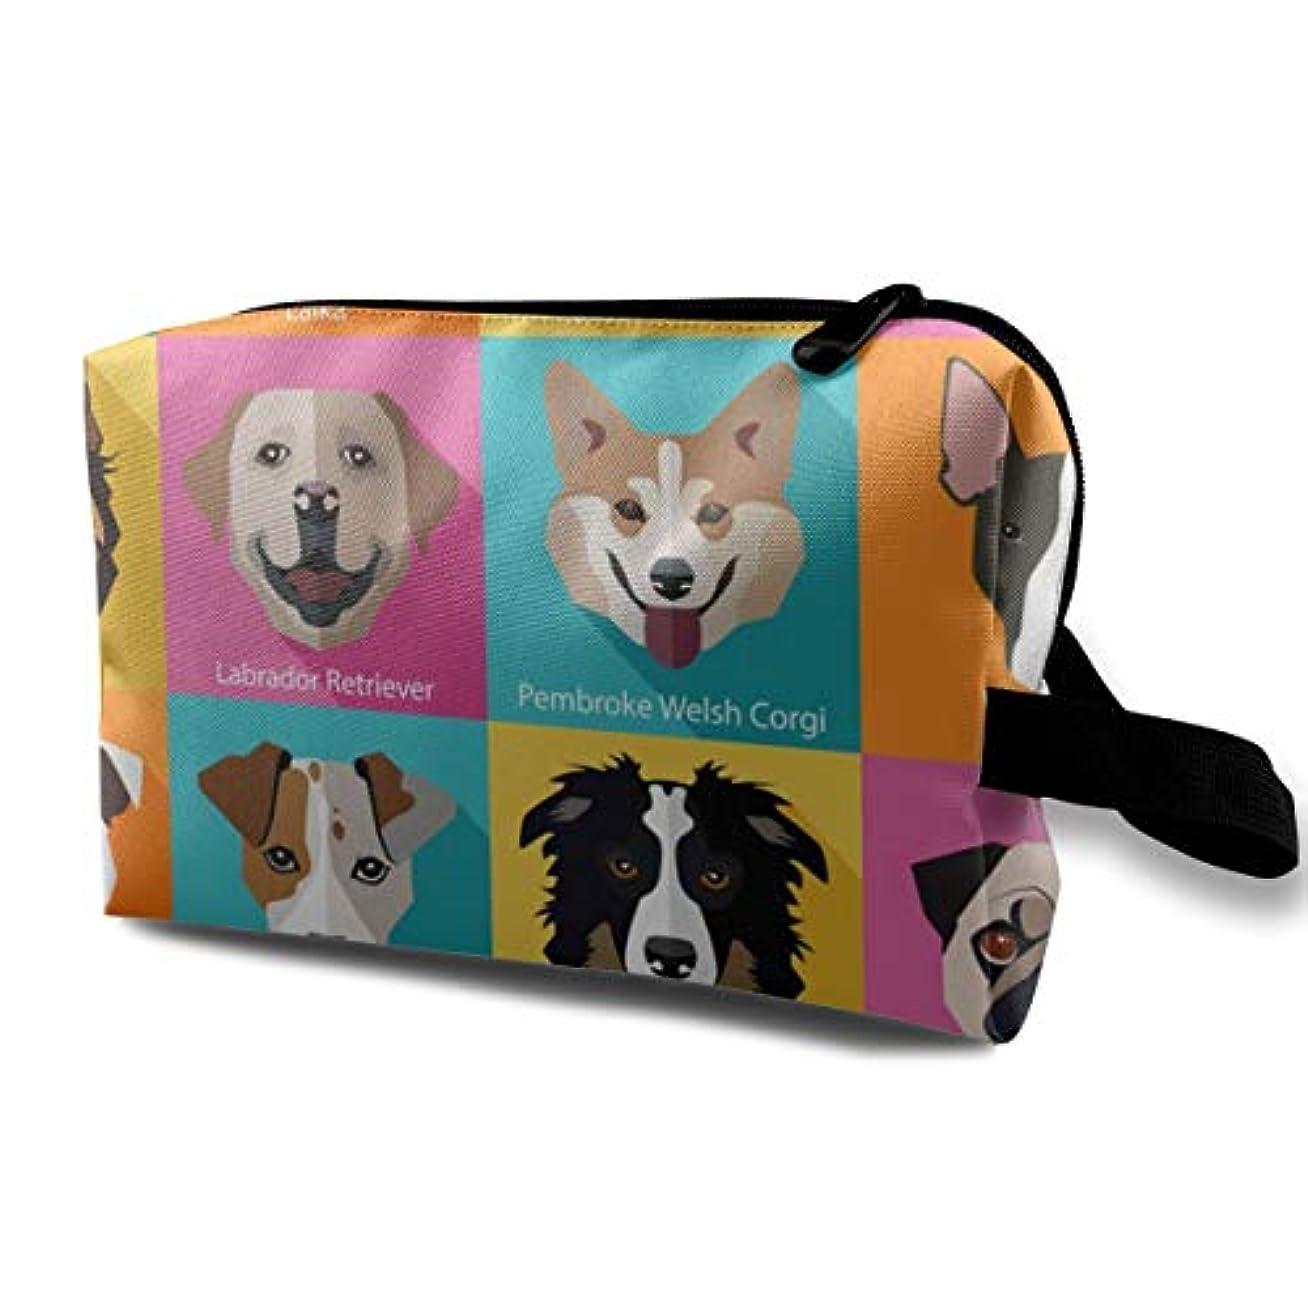 固体交じる辞任するPopular Breeds Of Dogs 収納ポーチ 化粧ポーチ 大容量 軽量 耐久性 ハンドル付持ち運び便利。入れ 自宅?出張?旅行?アウトドア撮影などに対応。メンズ レディース トラベルグッズ